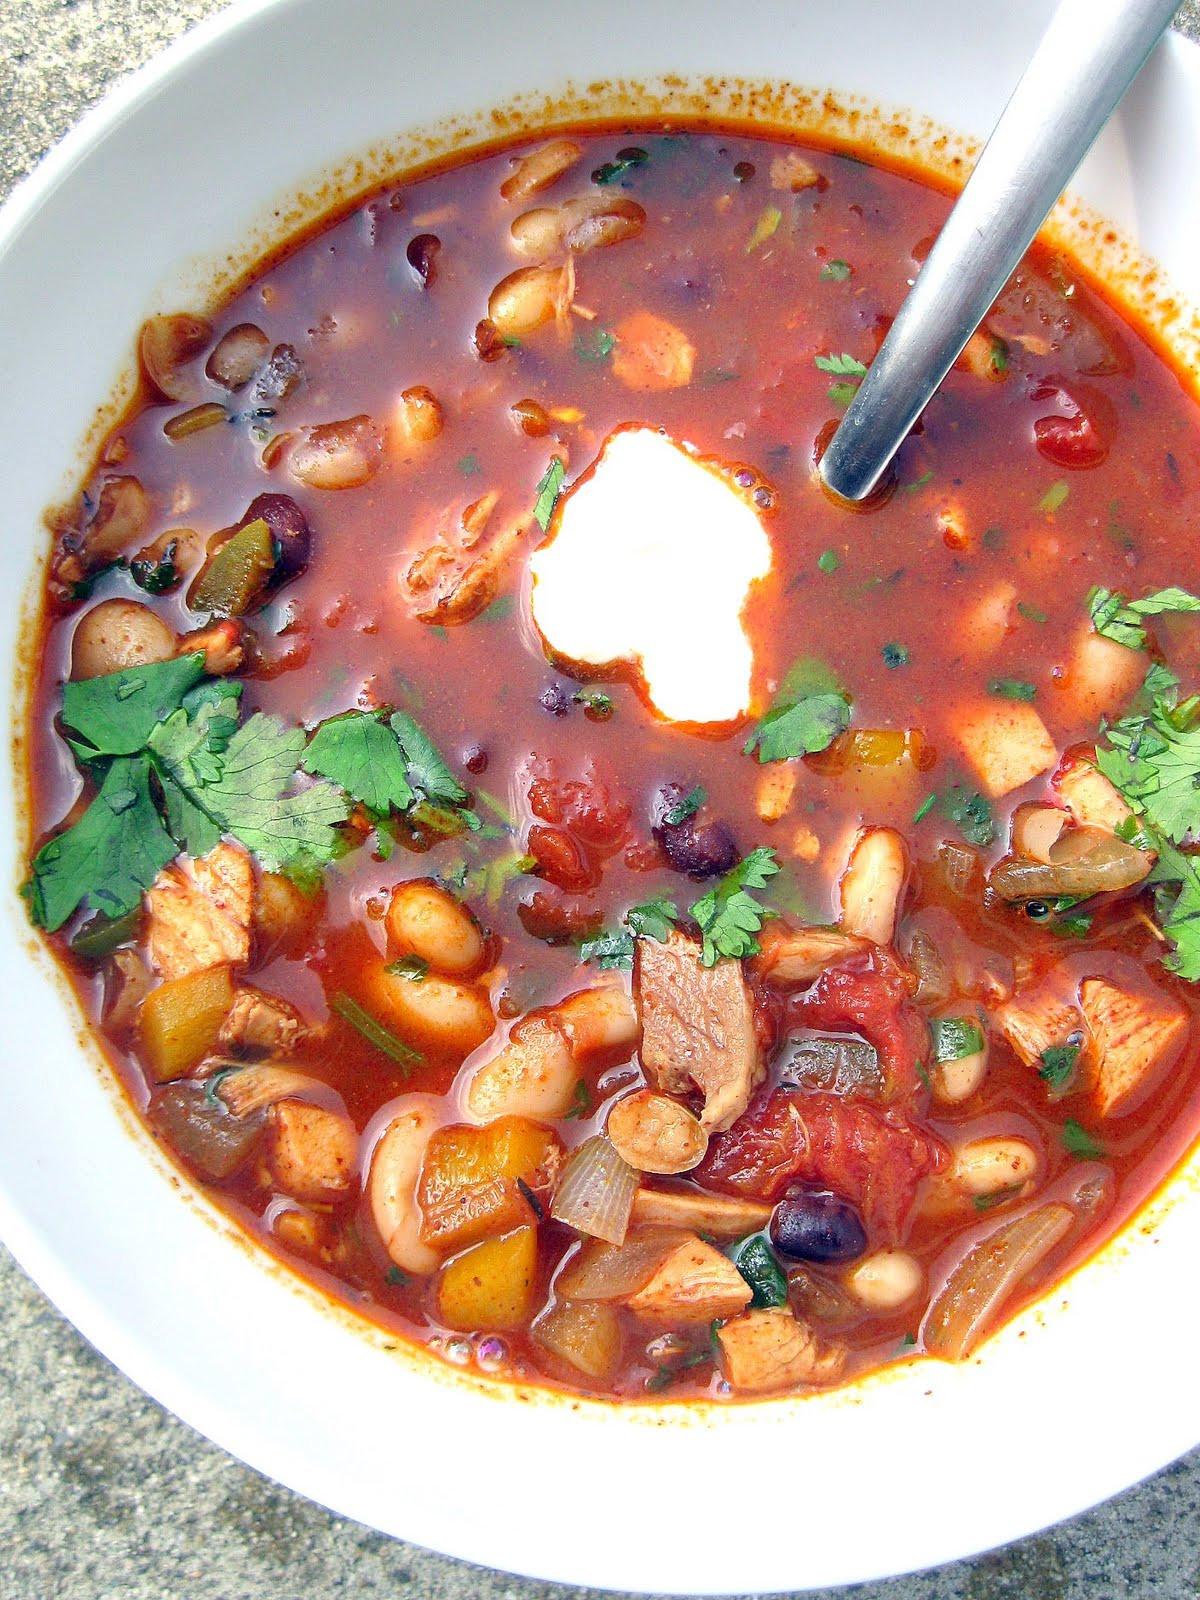 Red Chicken Chili Recipe  red chicken chili recipe